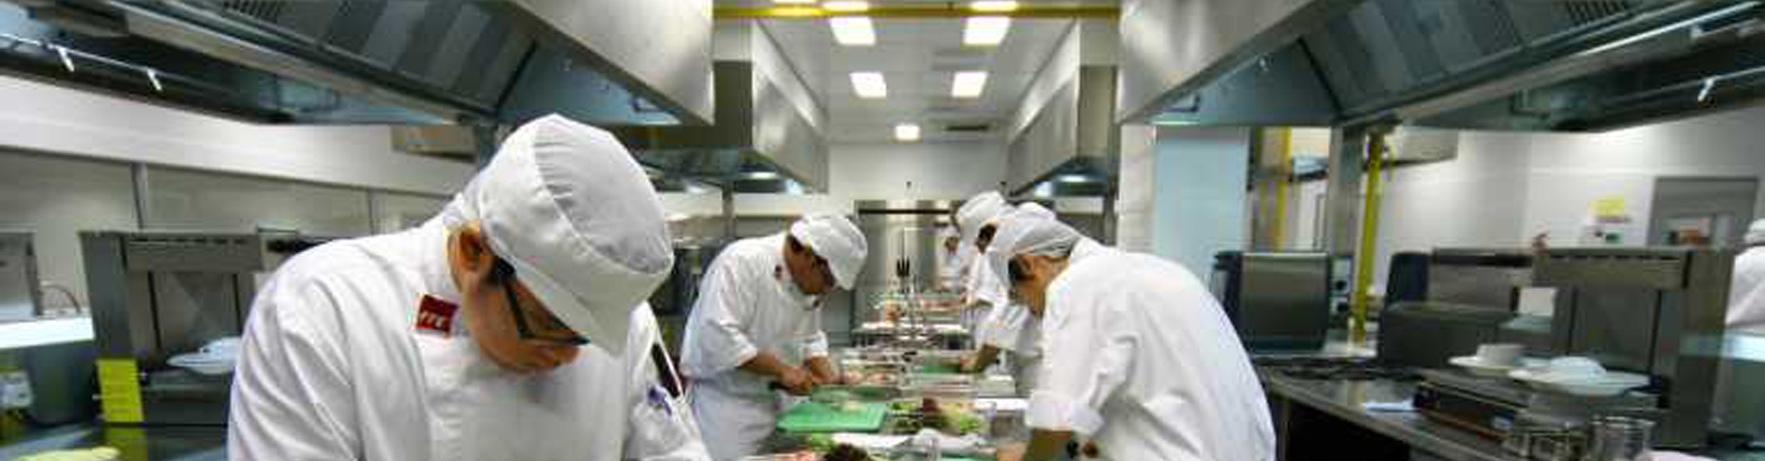 Βασικές Αρχές στην Ασφάλεια & Υγιεινή Τροφίμων